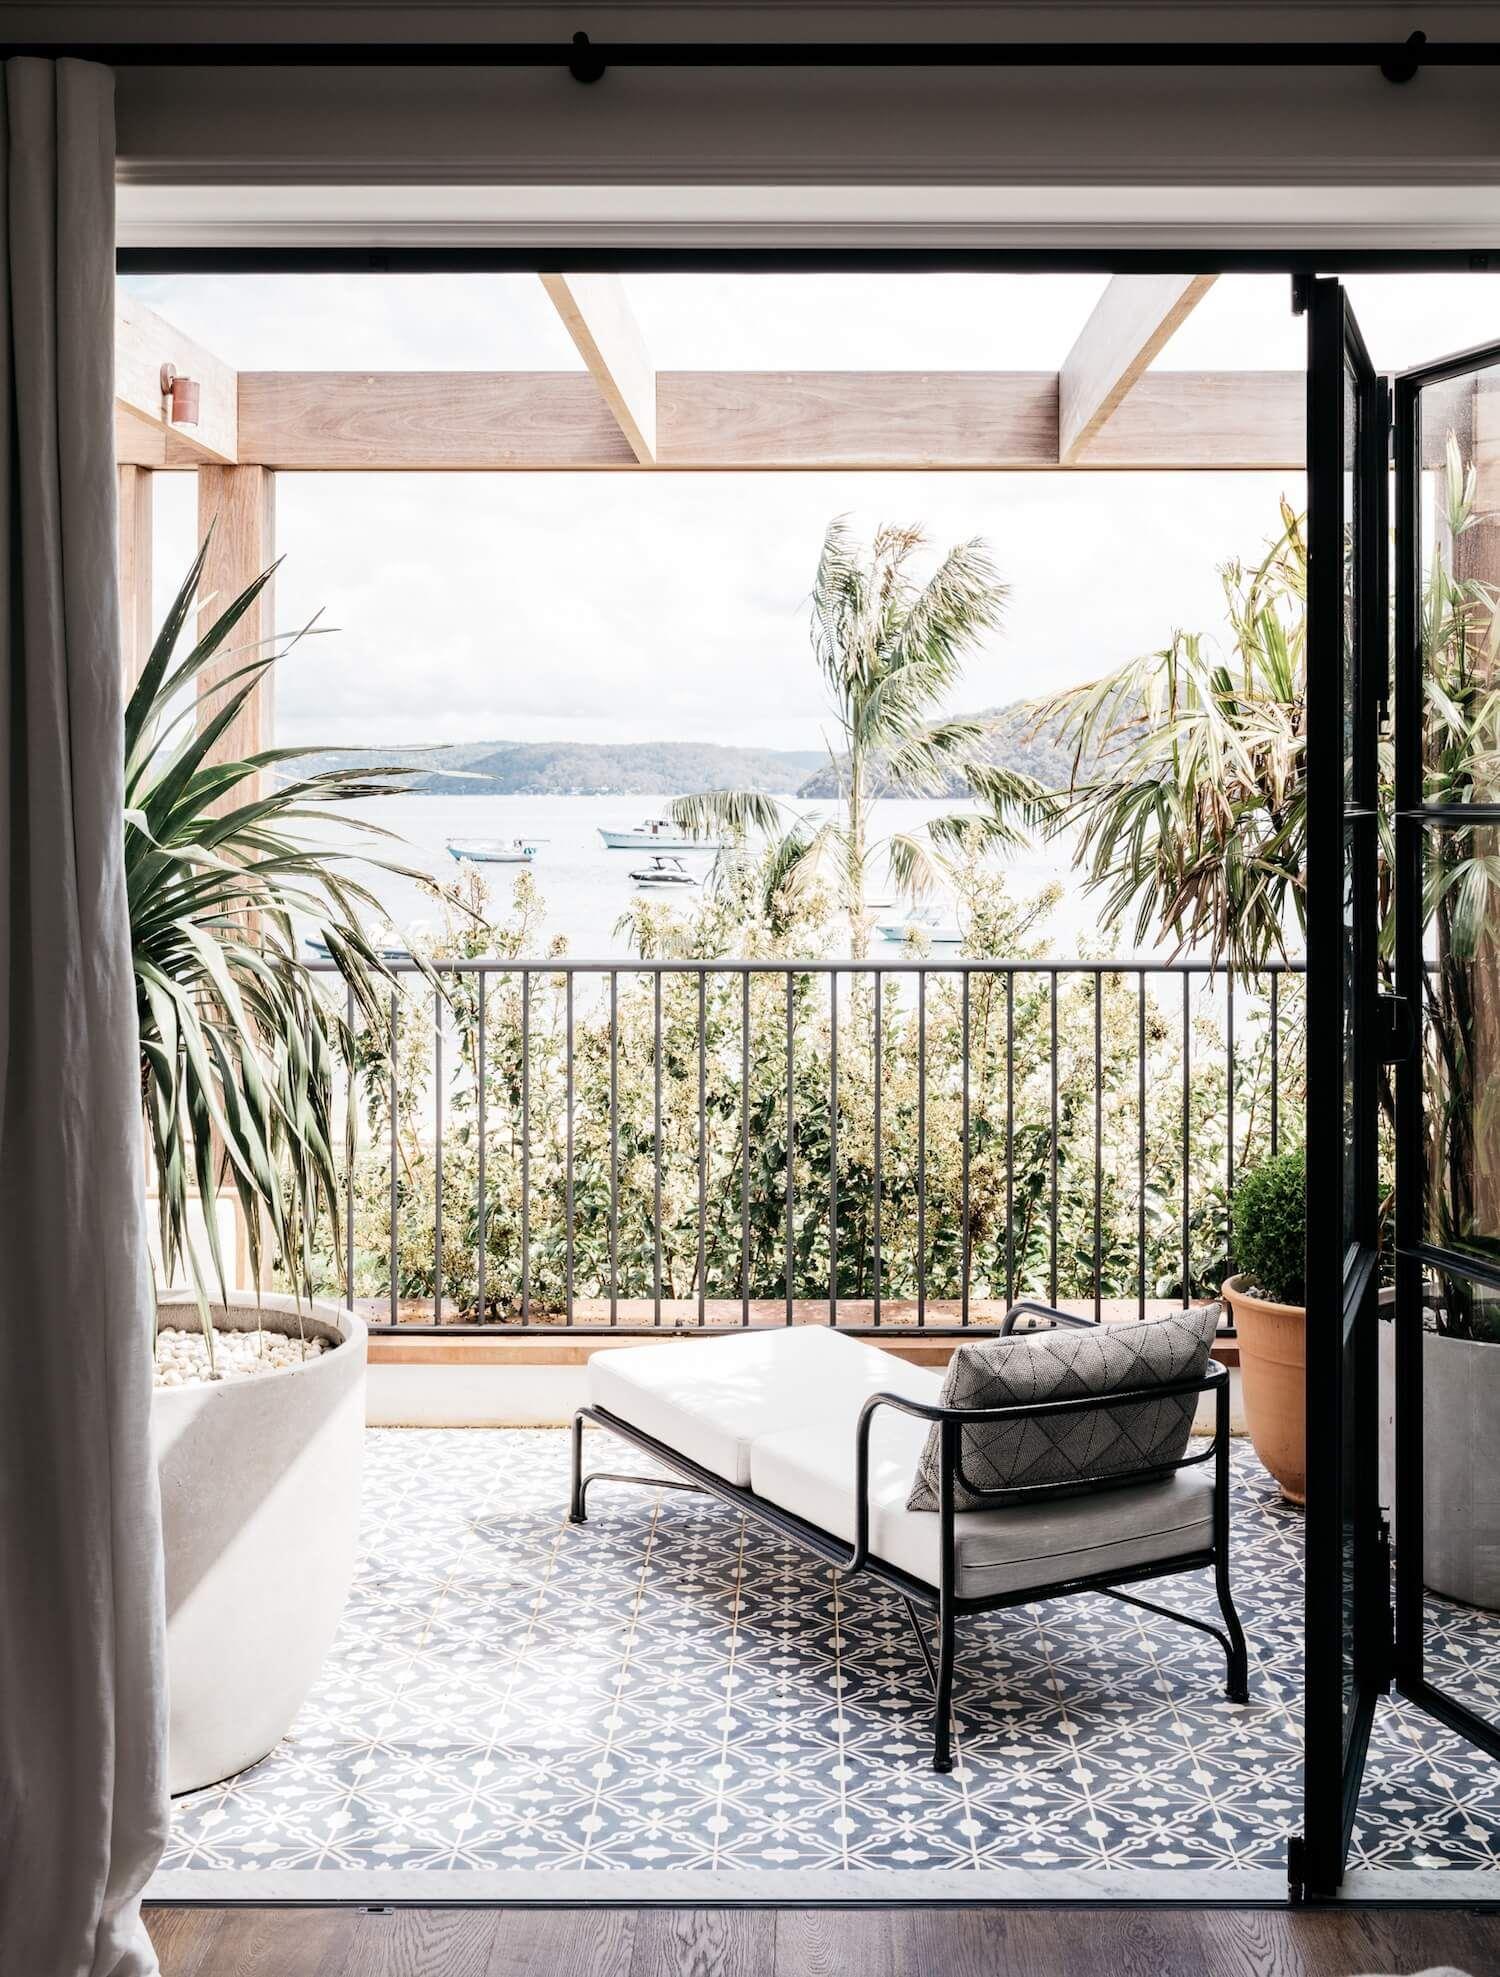 Espacio de terraza exterior de estilo francés minimalista